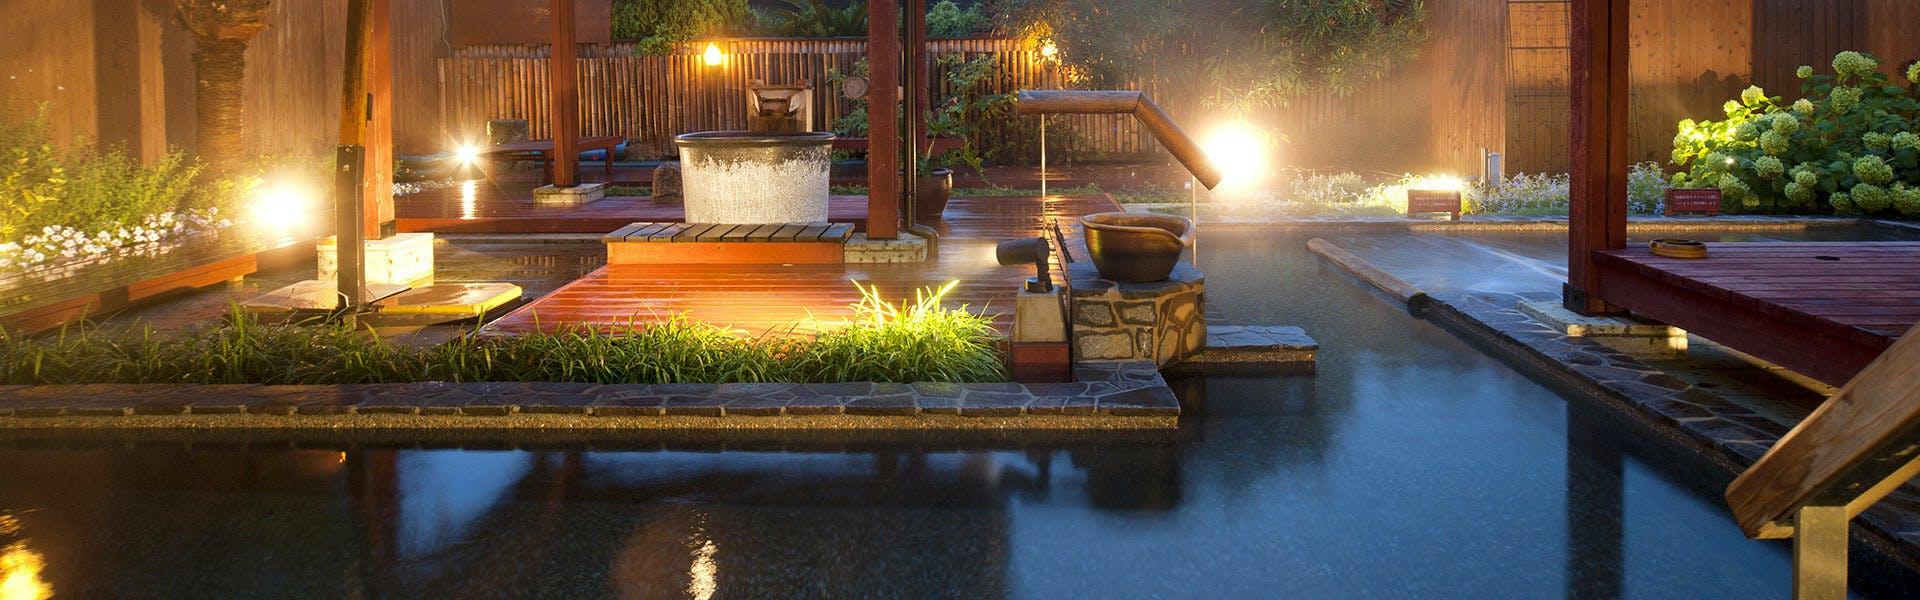 記念日におすすめのホテル・【ホテルアンビエント伊豆高原】 の空室状況を確認するの写真3